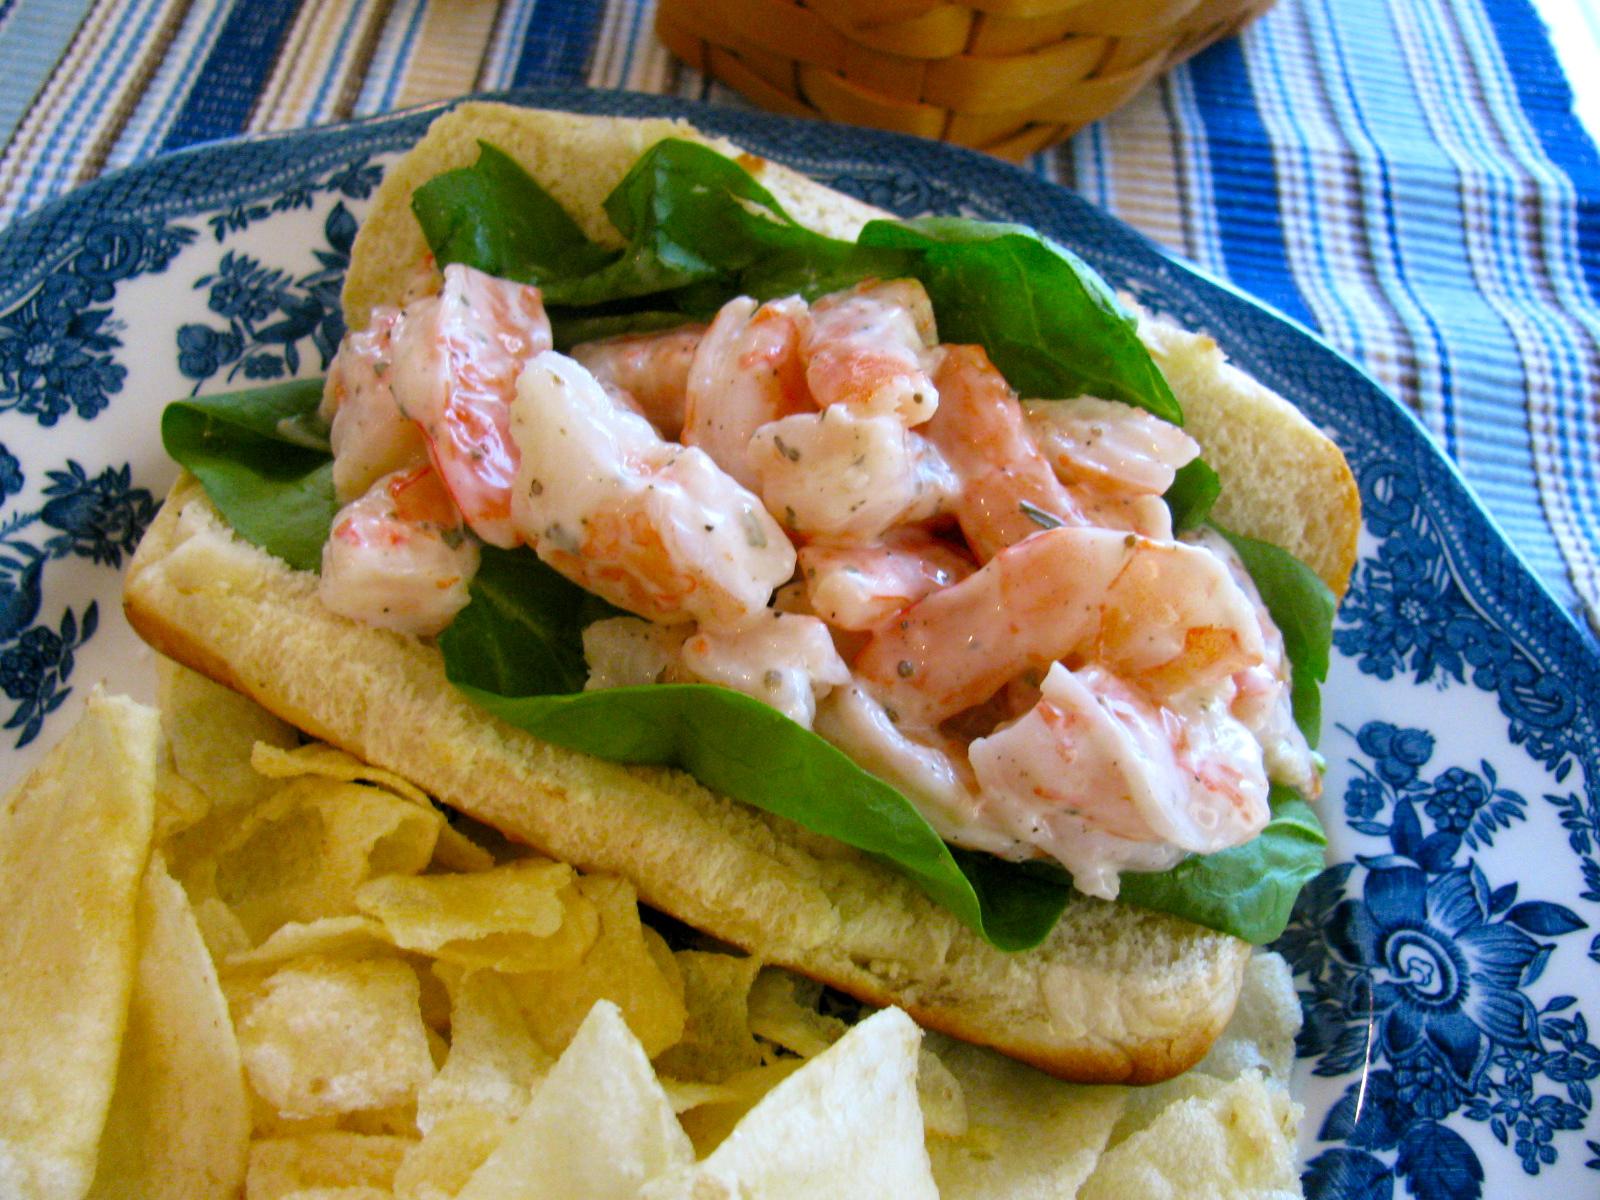 Rita's Recipes: A Shrimp Roll